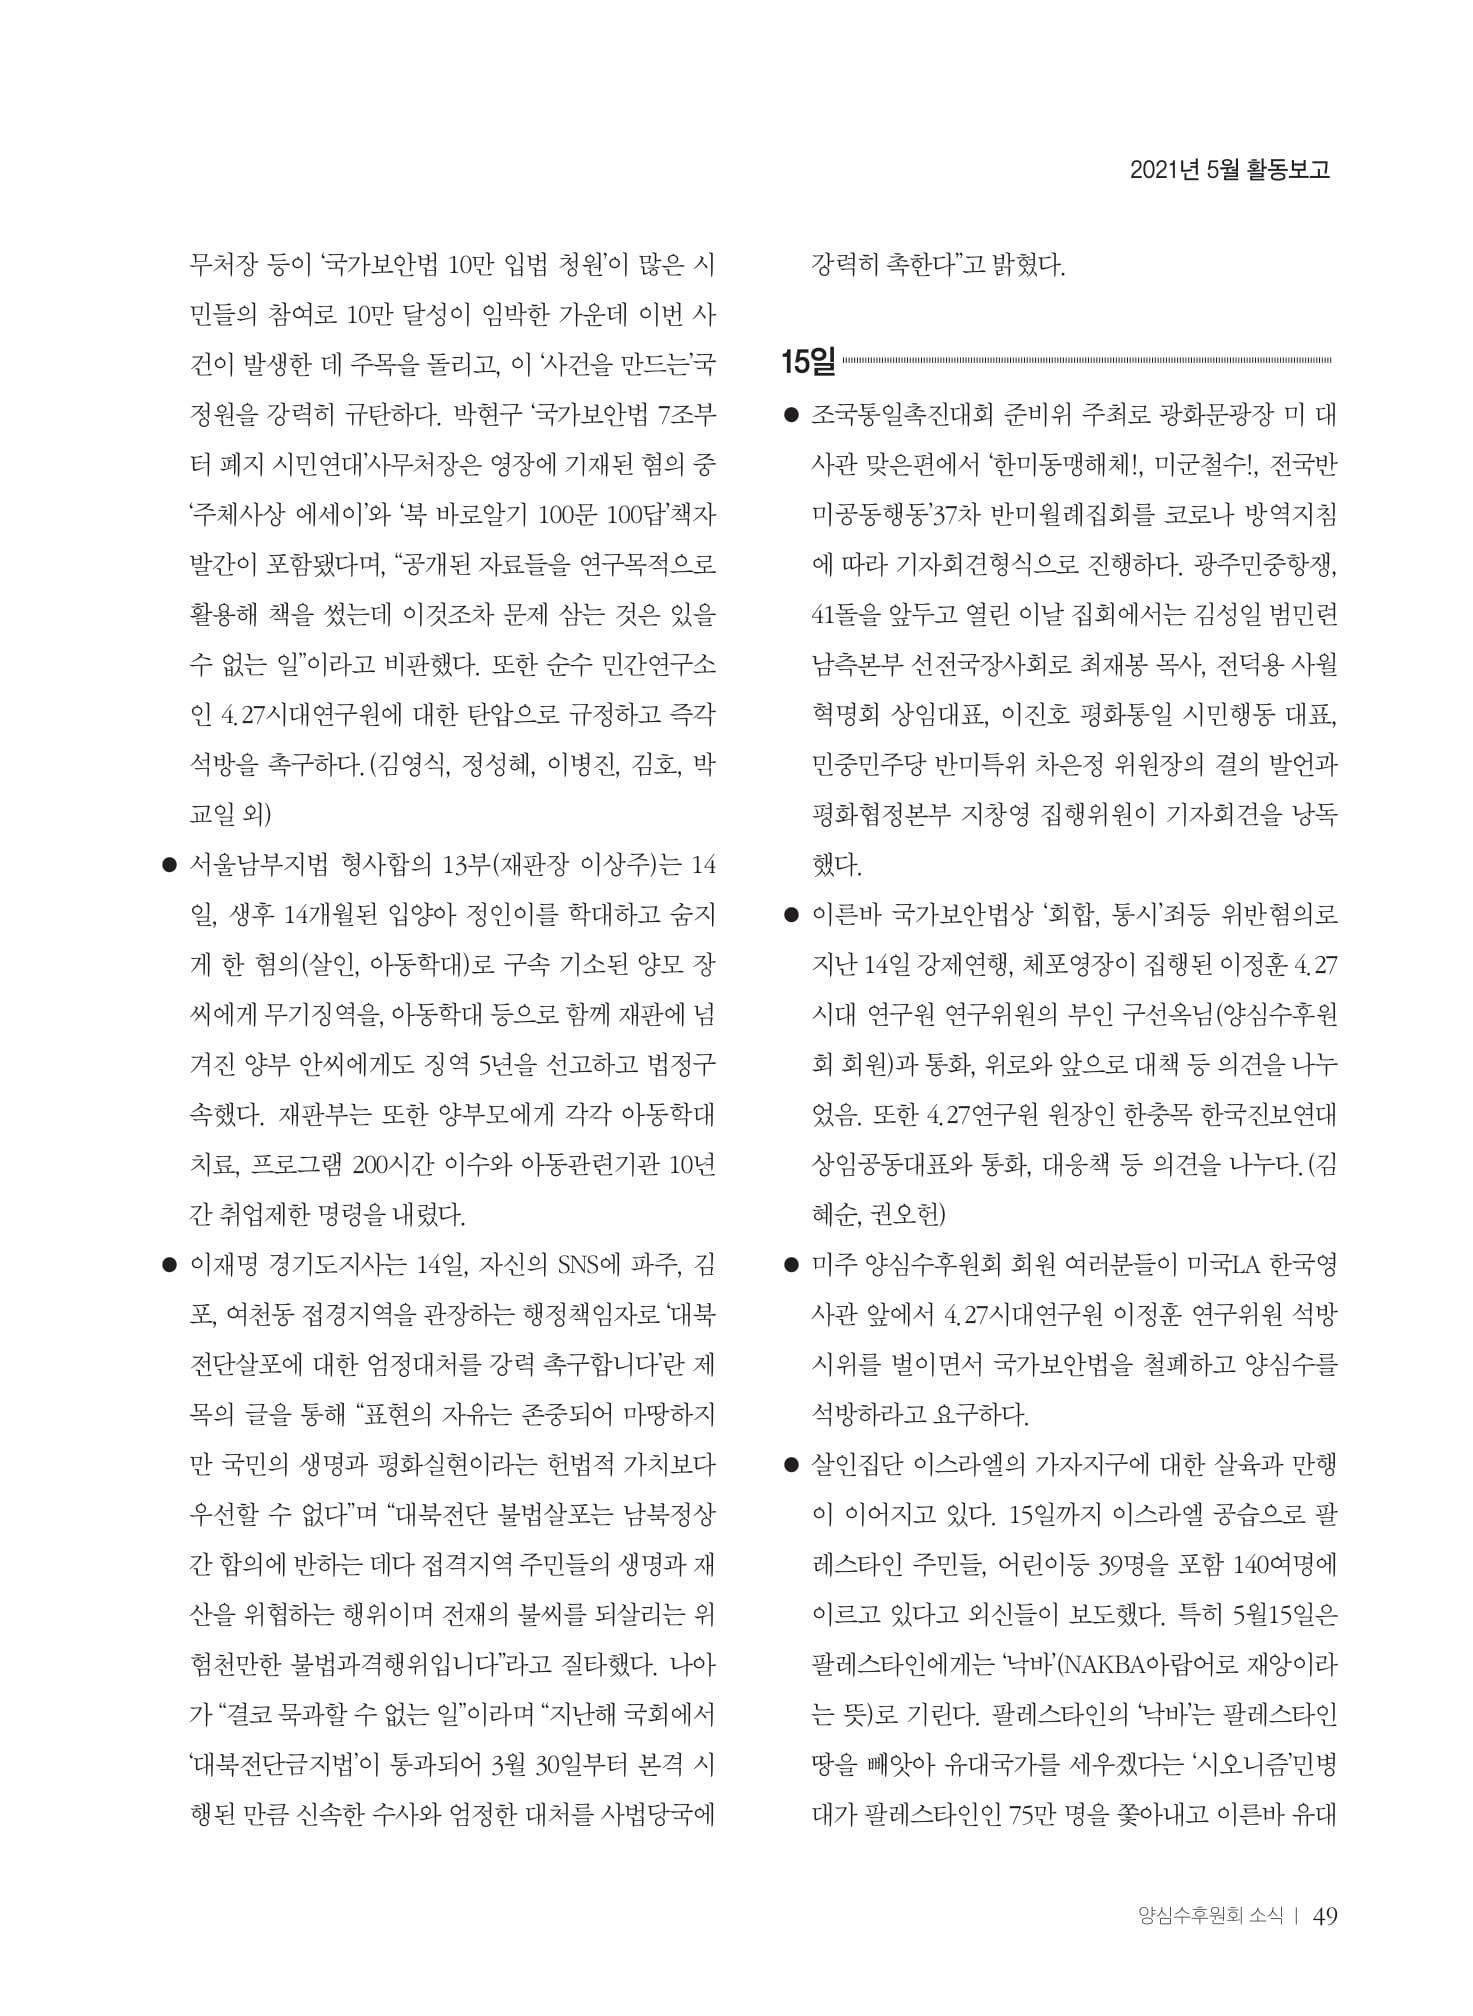 [양심수후원회] 소식지 354호 web 수정-51.jpg